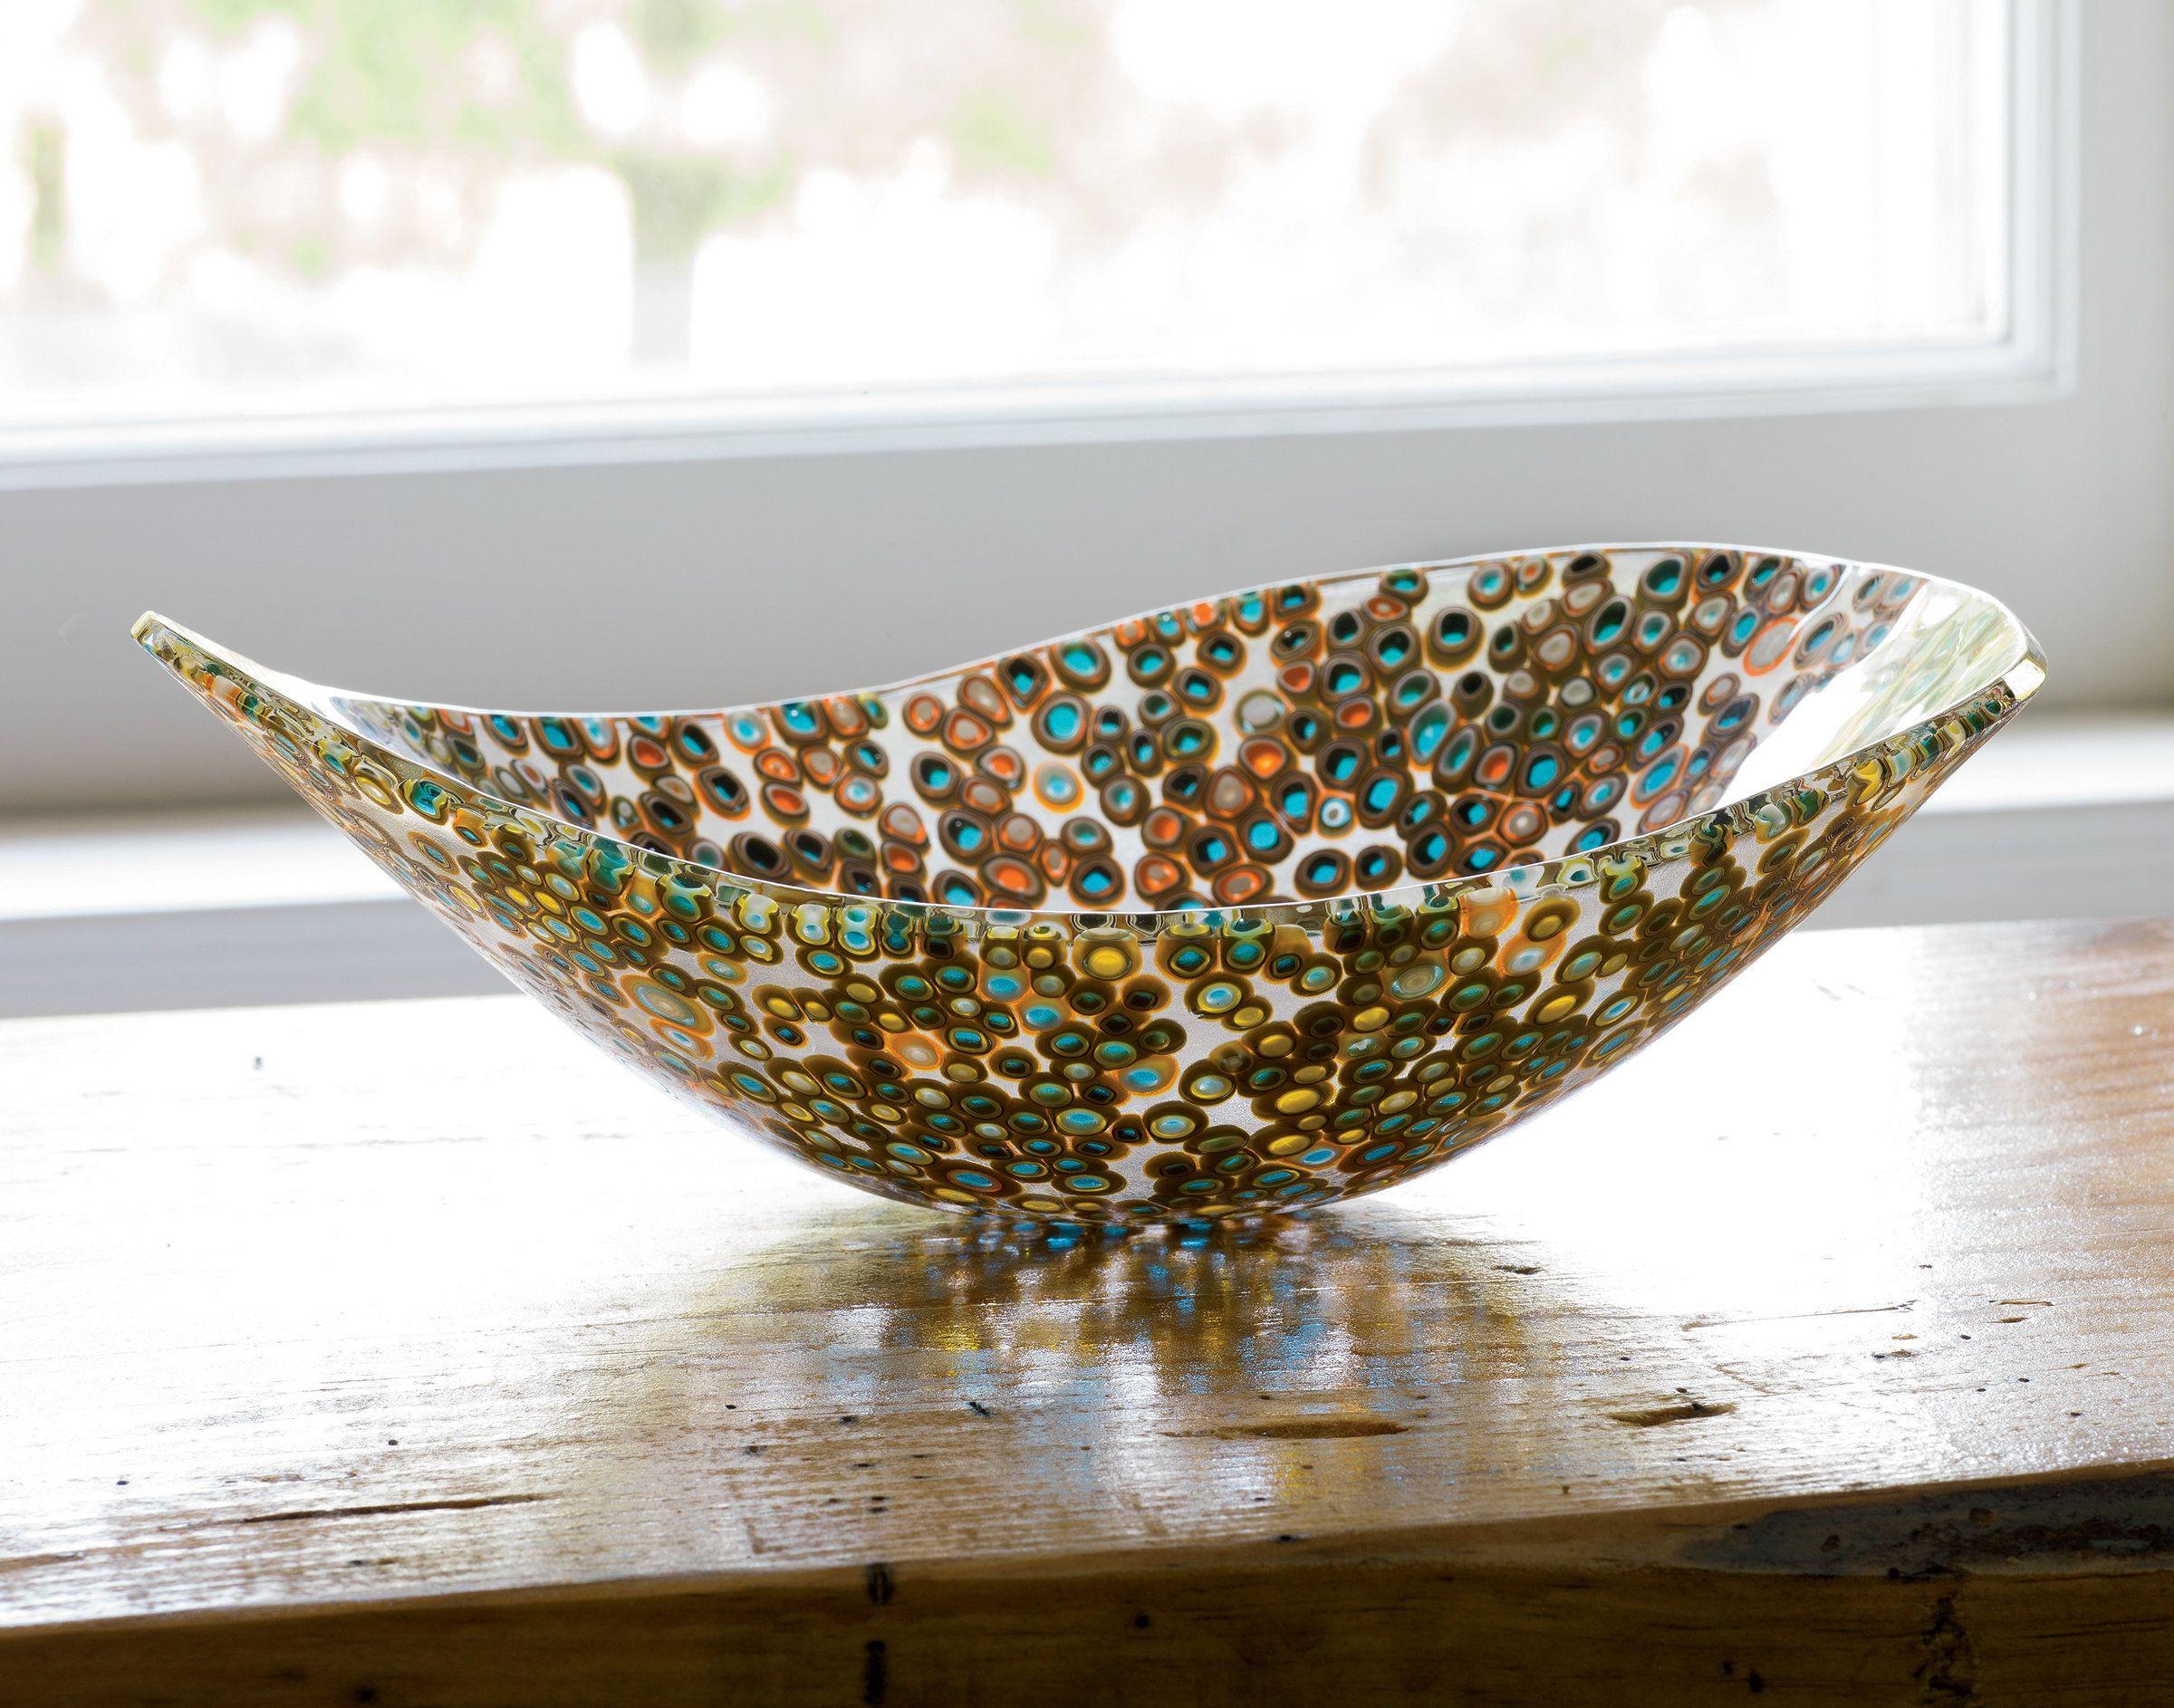 kosta boda vase orange of aqua glass bowl image nido 3 orange and turquoise bowl by joseph pertaining to aqua glass bowl image nido 3 orange and turquoise bowl by joseph enszo art glass bowl